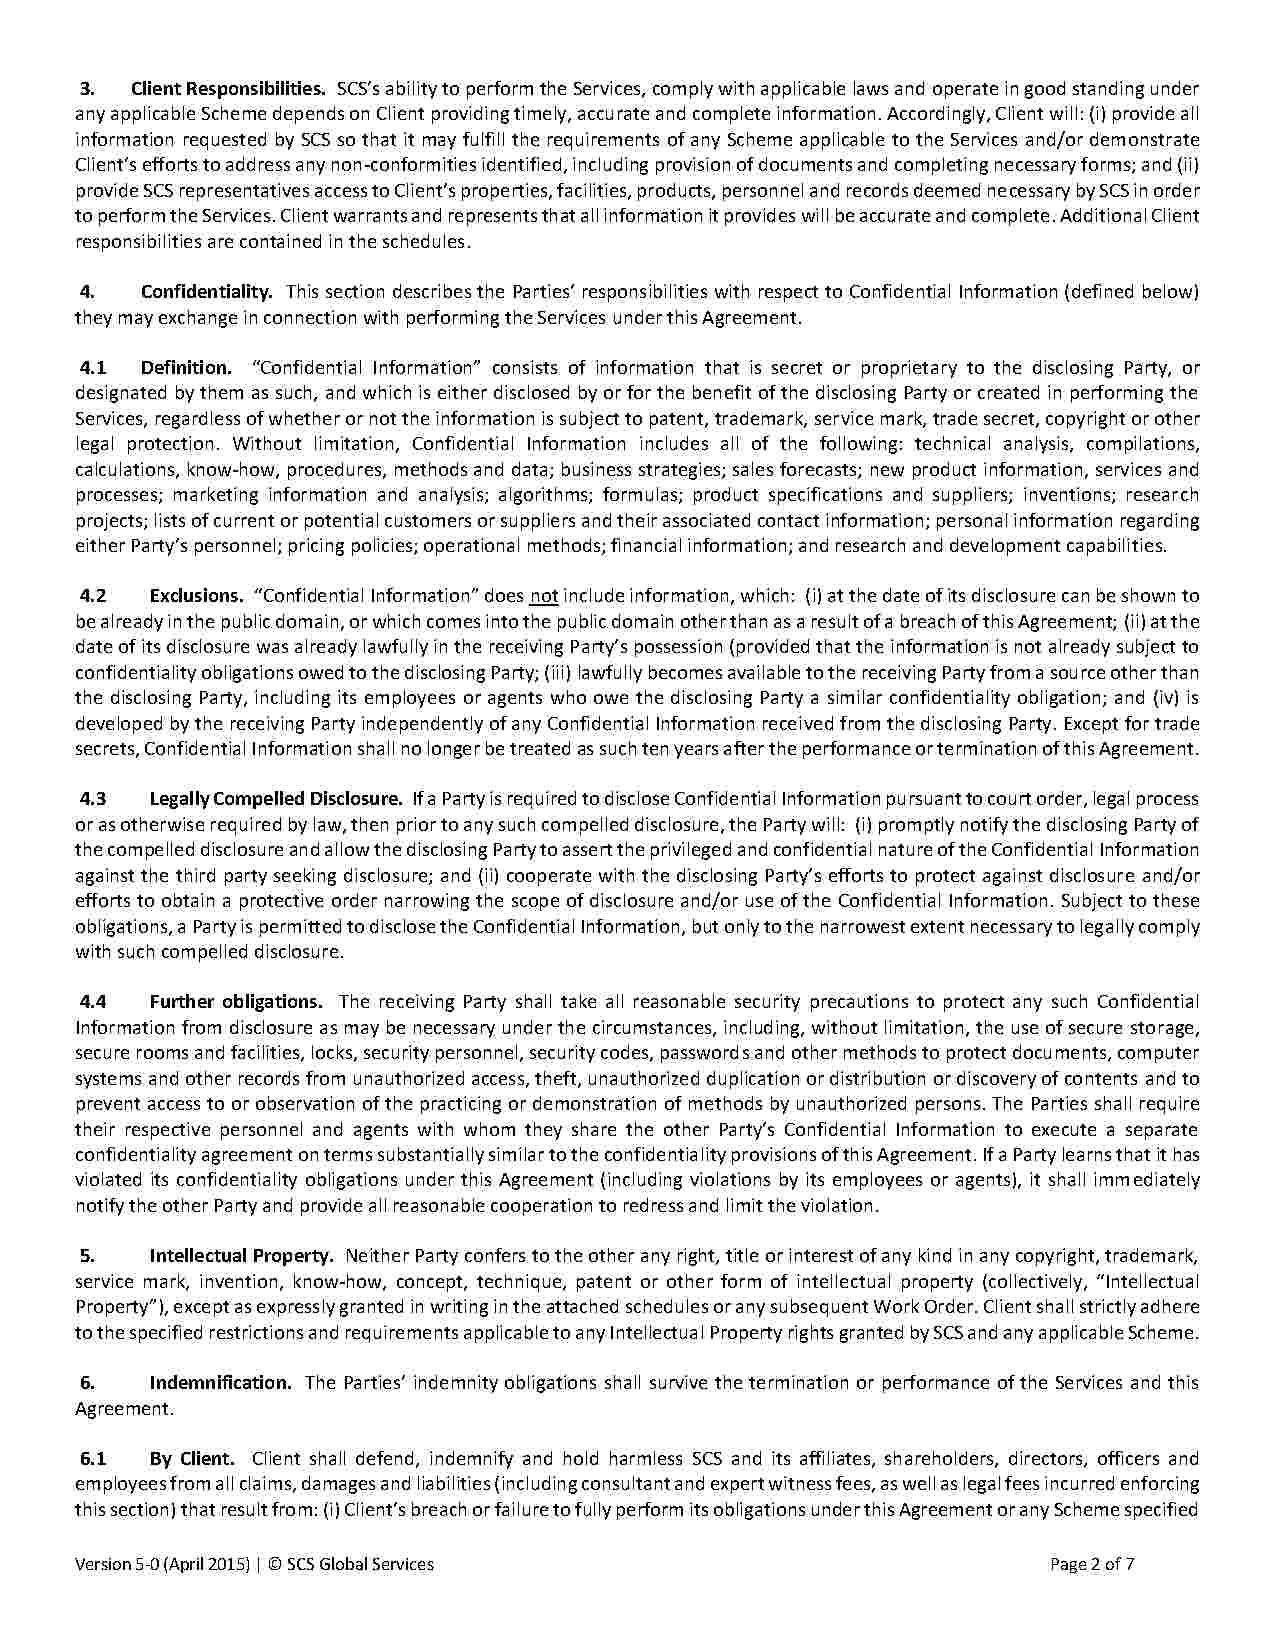 Templates Trademark Assignment Agreement  Templates Hunter With Trademark Assignment Agreement Template